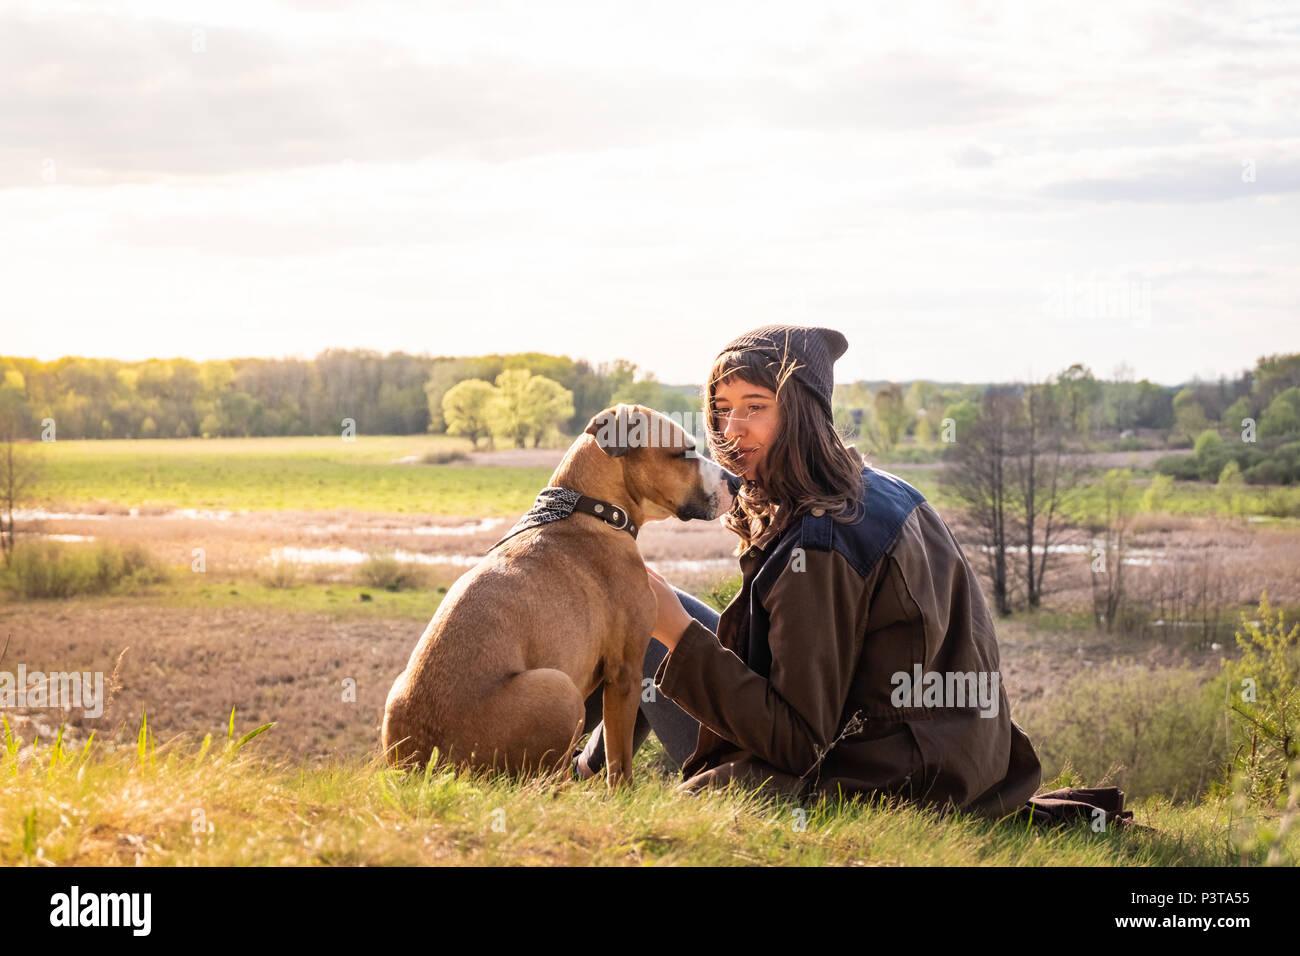 Bellissime escursioni ragazza sedersi sulla collina con il cane a camminare. Giovani femmine persona insieme a staffordshire terrier a prato su caldo pomeriggio soleggiato Immagini Stock